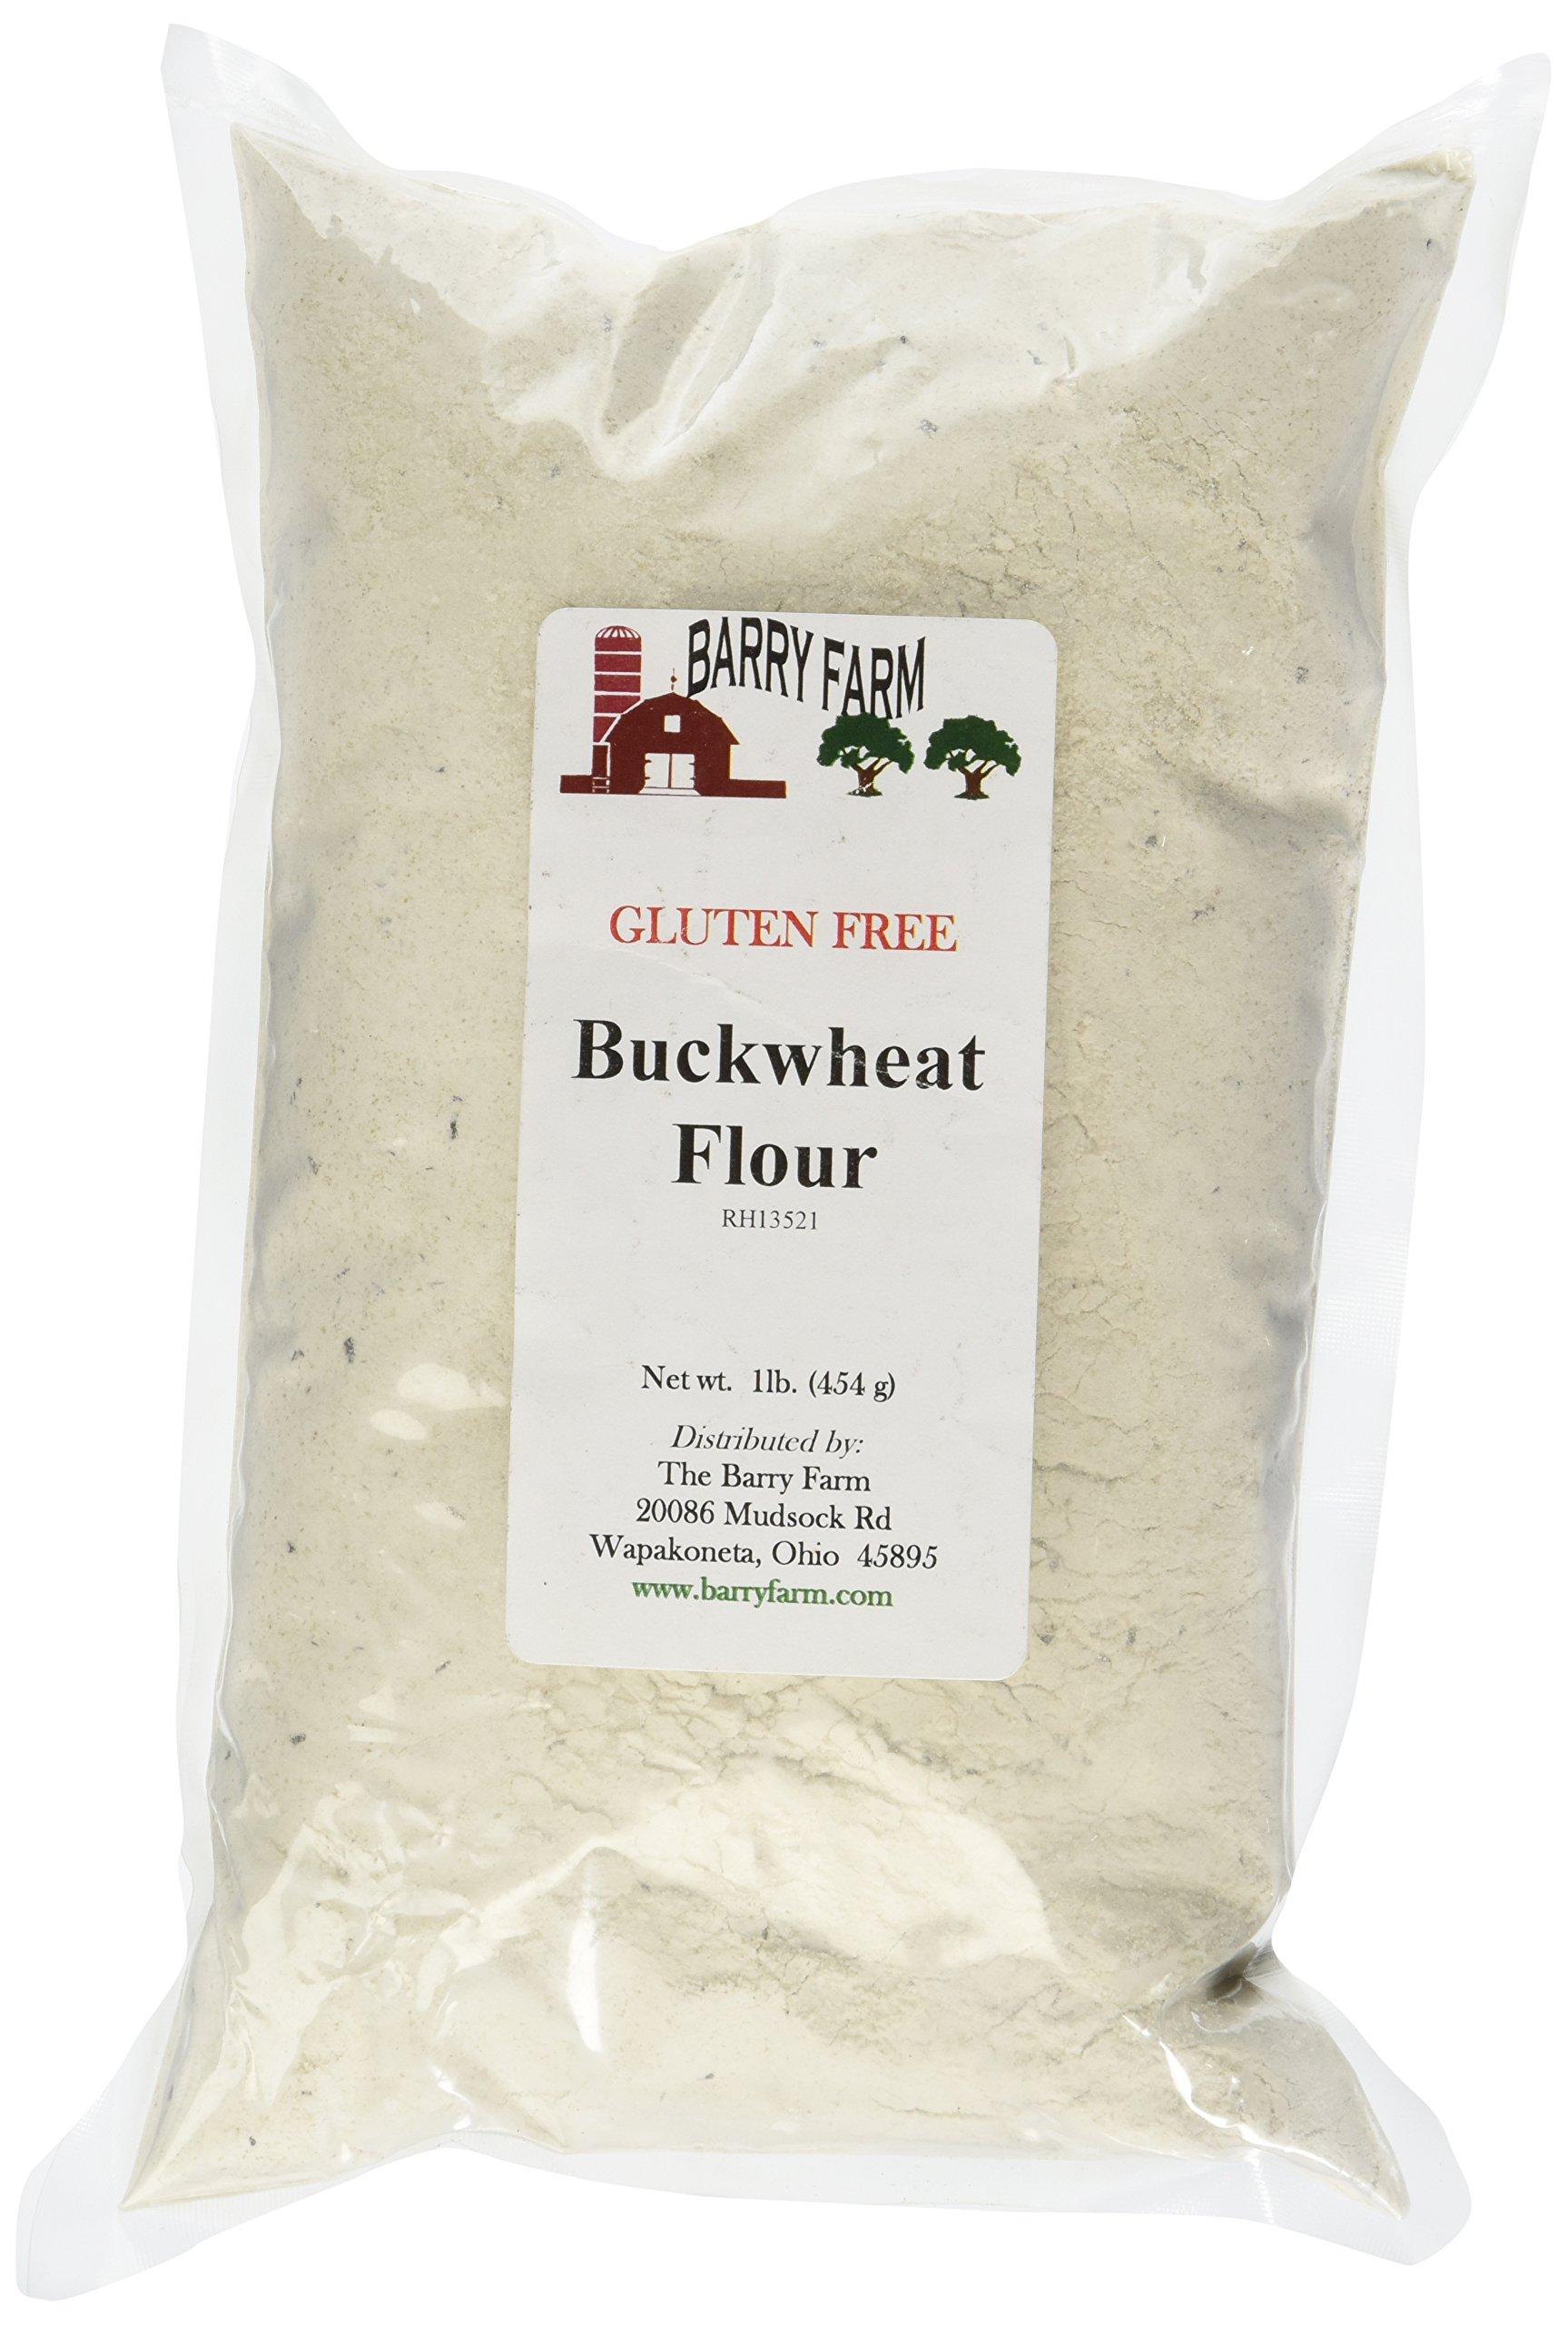 Buckwheat Flour, GF, 1 lb. by Barry Farm